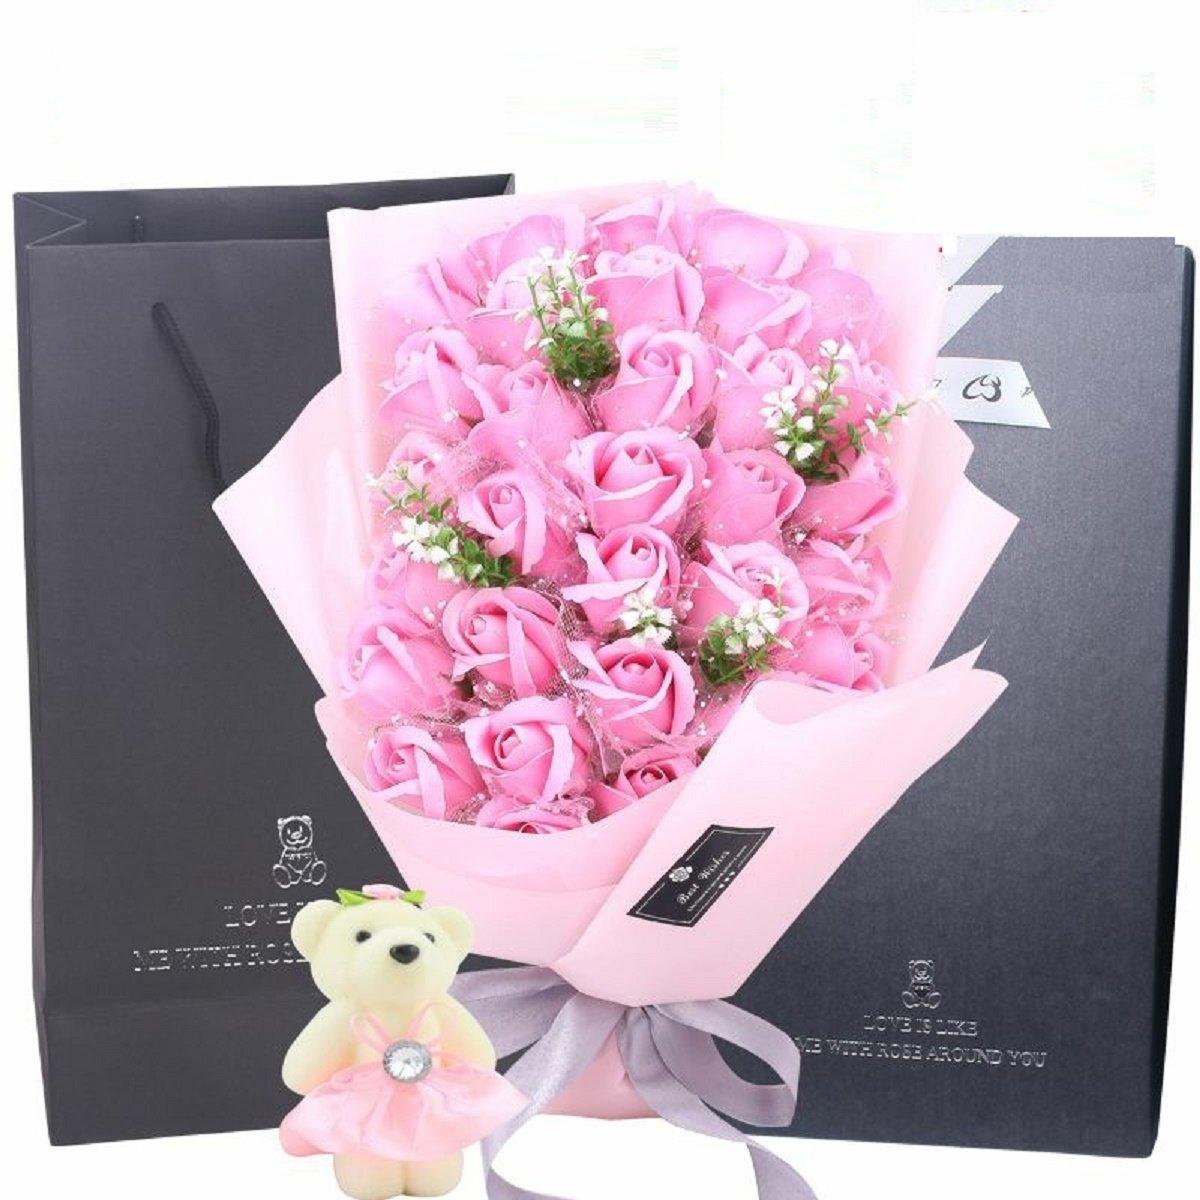 新販売 BEAR + LED付きローズ花束 SPRING COME® 誕生日 結婚祝い バレンタインデー ホワイトデー 母の日 父の日 敬老の日 結婚記念日 還暦 昇進 お祝い 恋人 友人 両親 (33本 LED付き) ピンク [並行輸入品] B01GTO31T2 ピンク ピンク